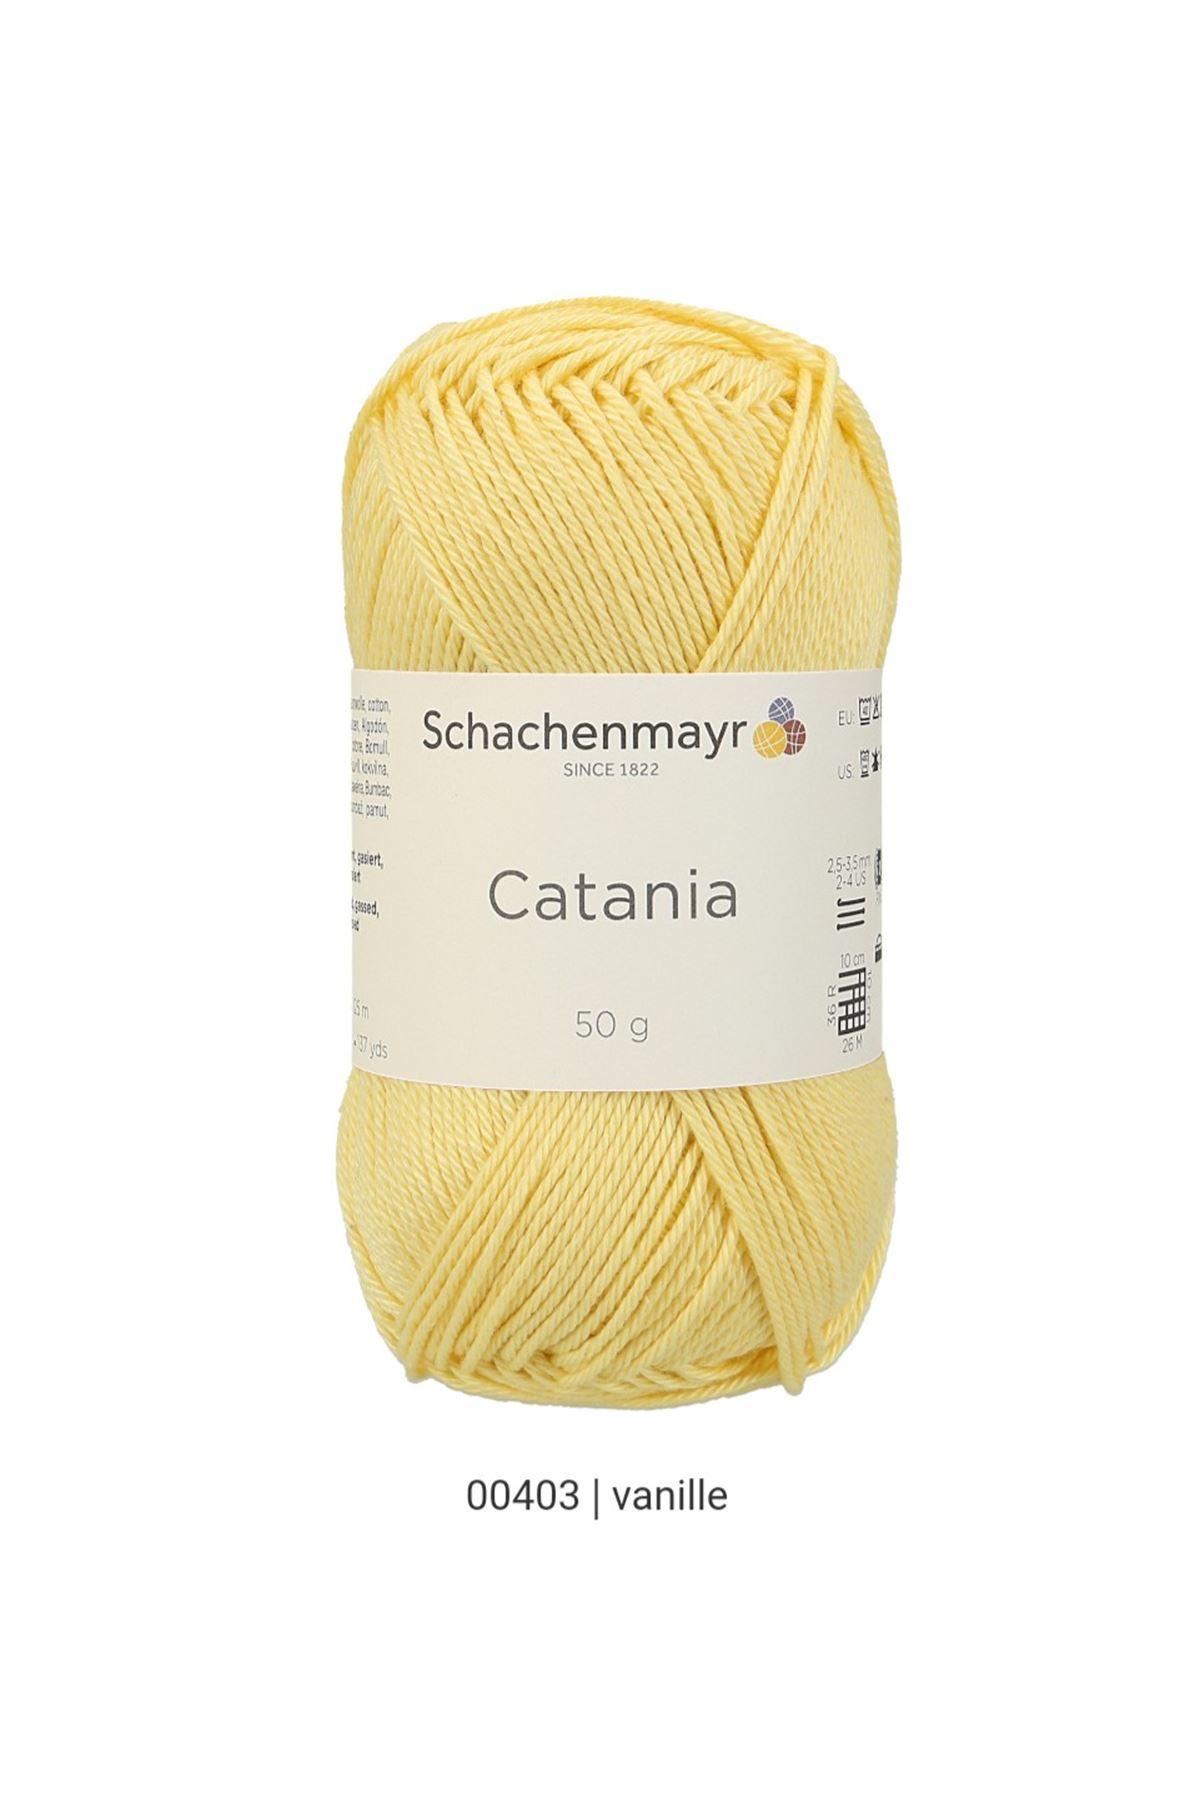 SMC Catania 50g 00403 Vanille Vanilya